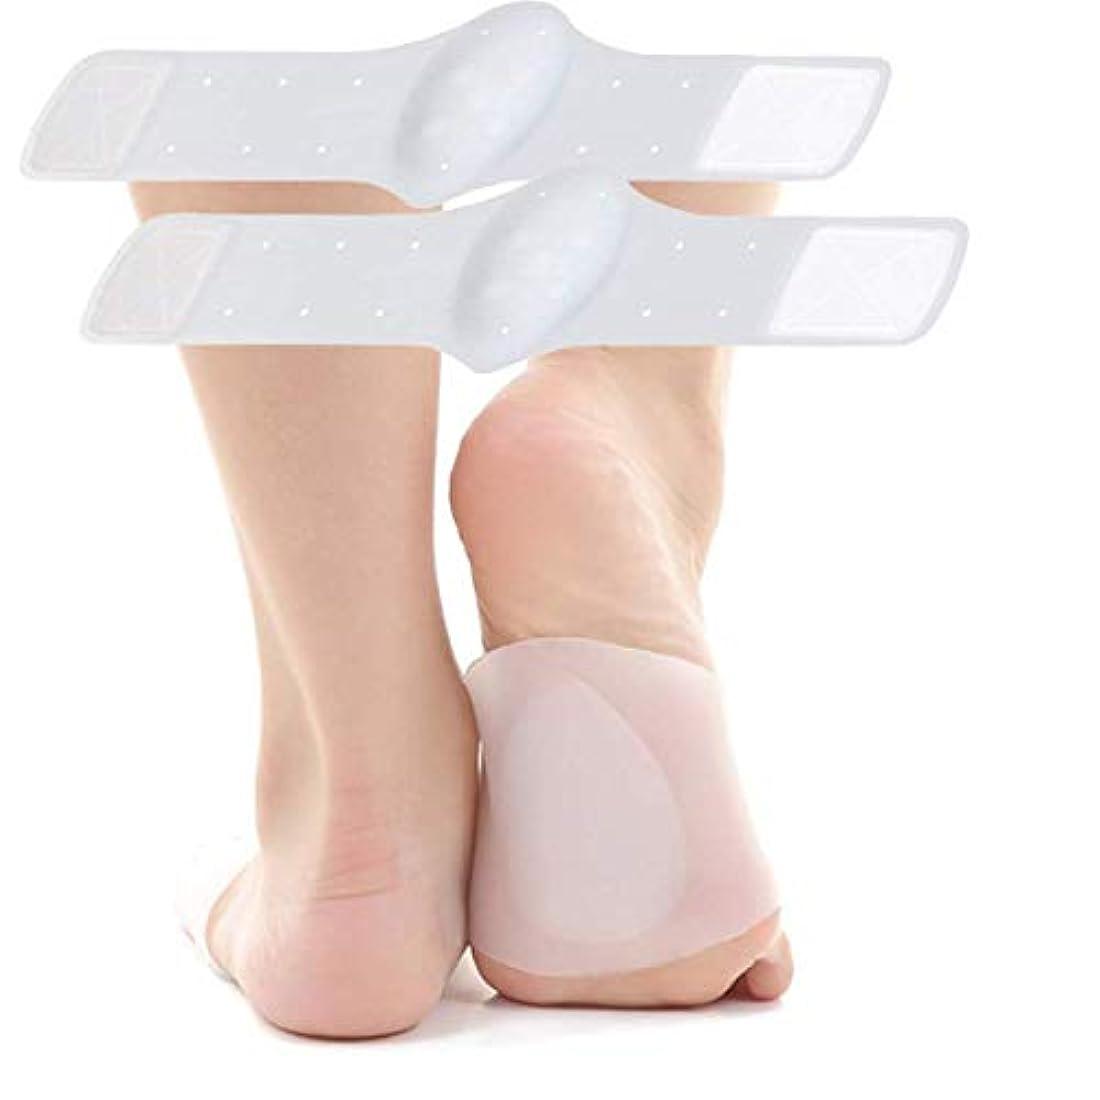 脅威信頼できるちょうつがい扁平足 サポーター アーチサポーター 足底筋膜炎 足の痛み 歩行 立ち仕事 シリコン2個入り